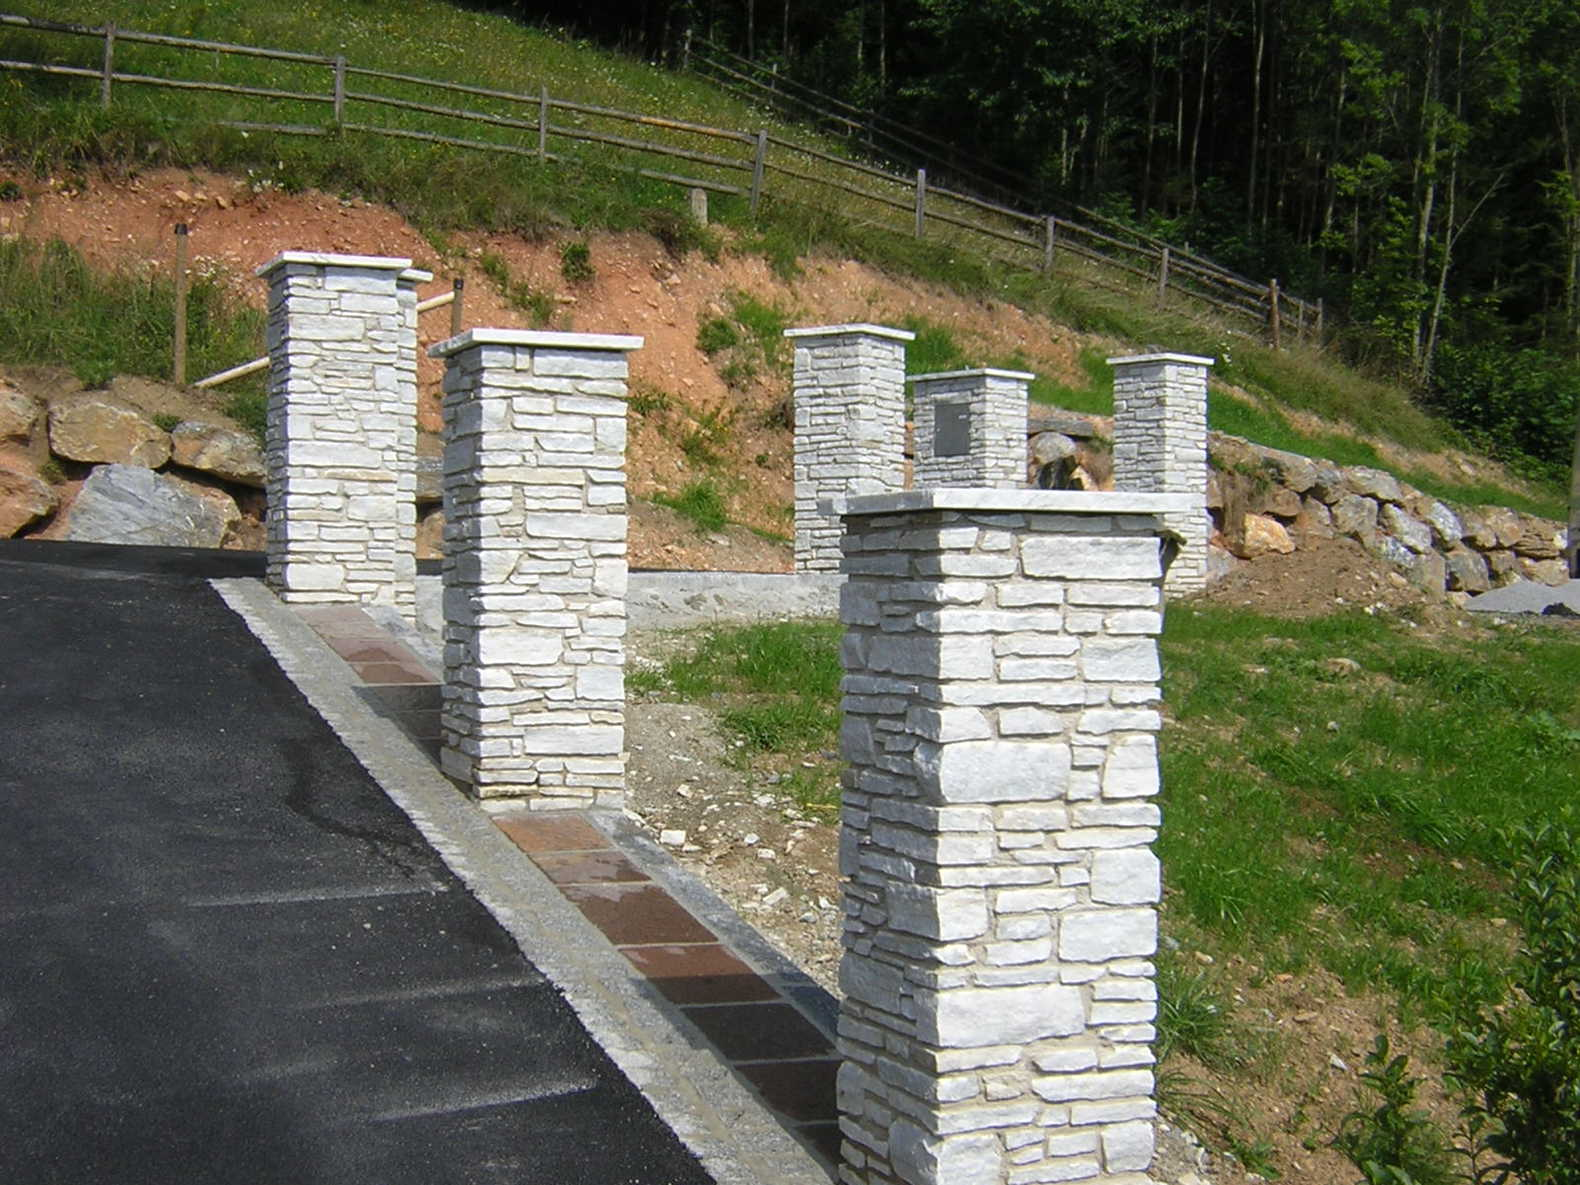 Mauerpfeiler steine